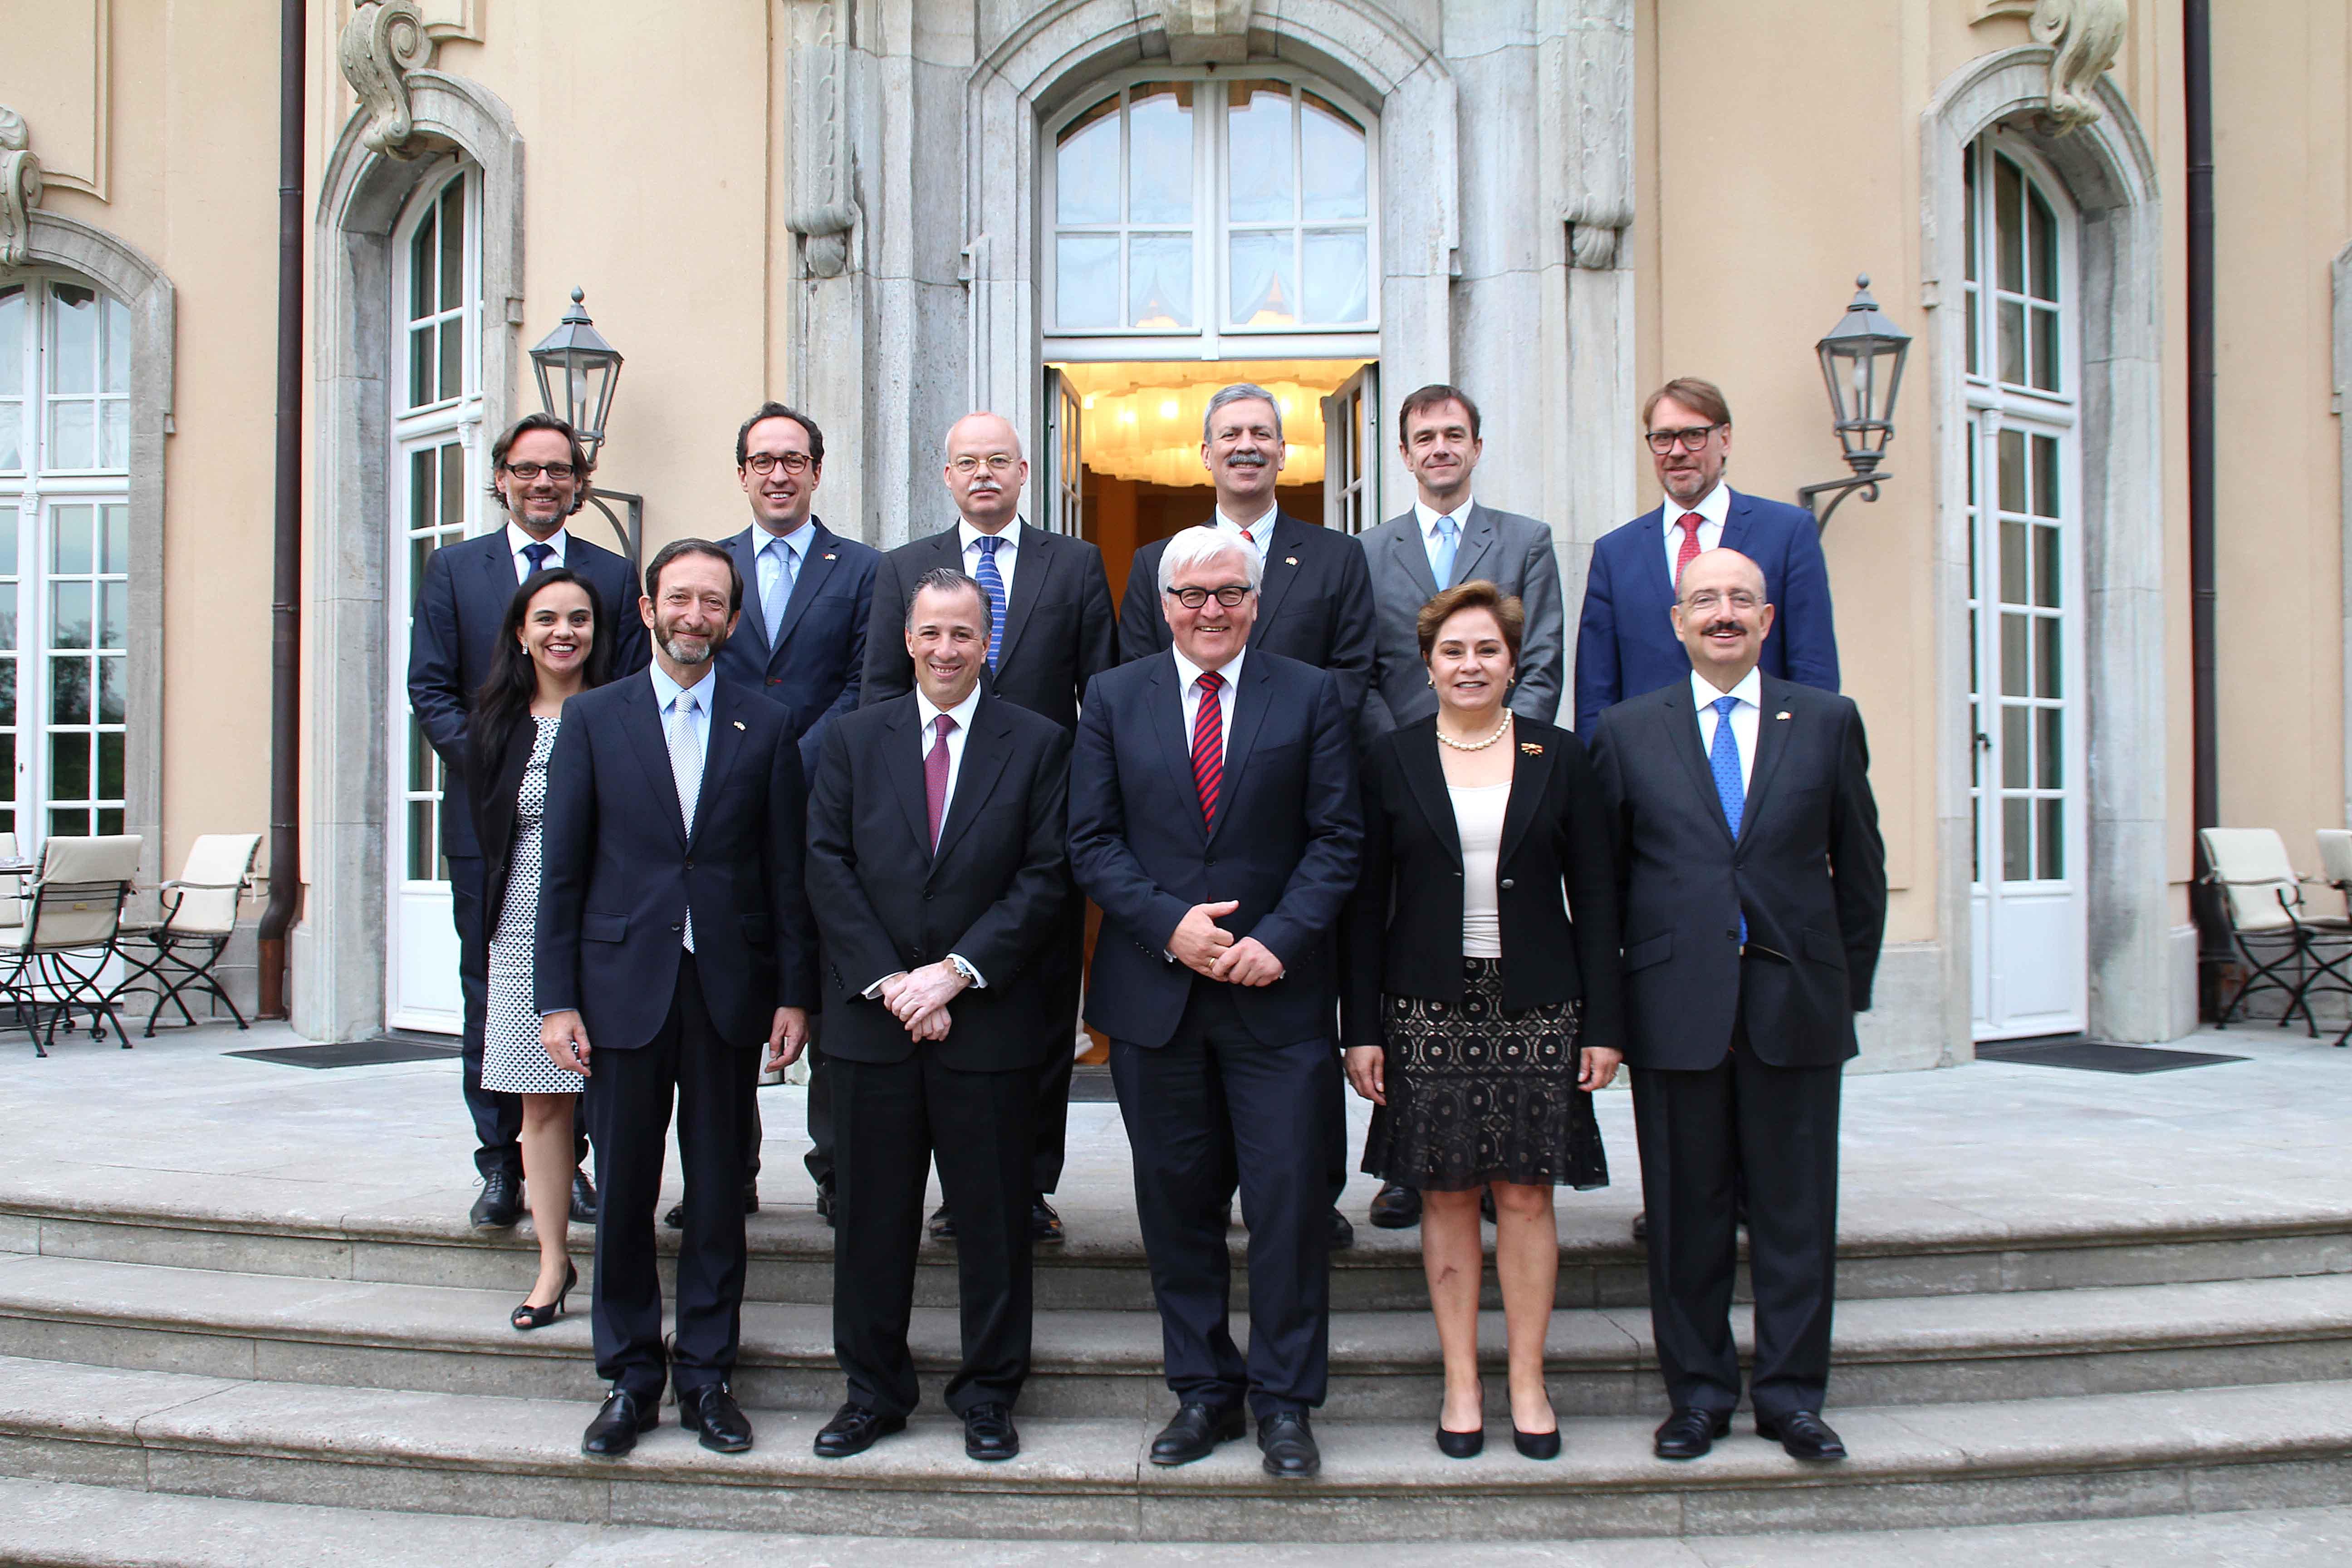 FOTO 2 El canciller Jos  Meade y el ministro federal de Asuntos Exteriores  Frank Walter Steinmeier encabezan la Comisi n Binacionaljpg